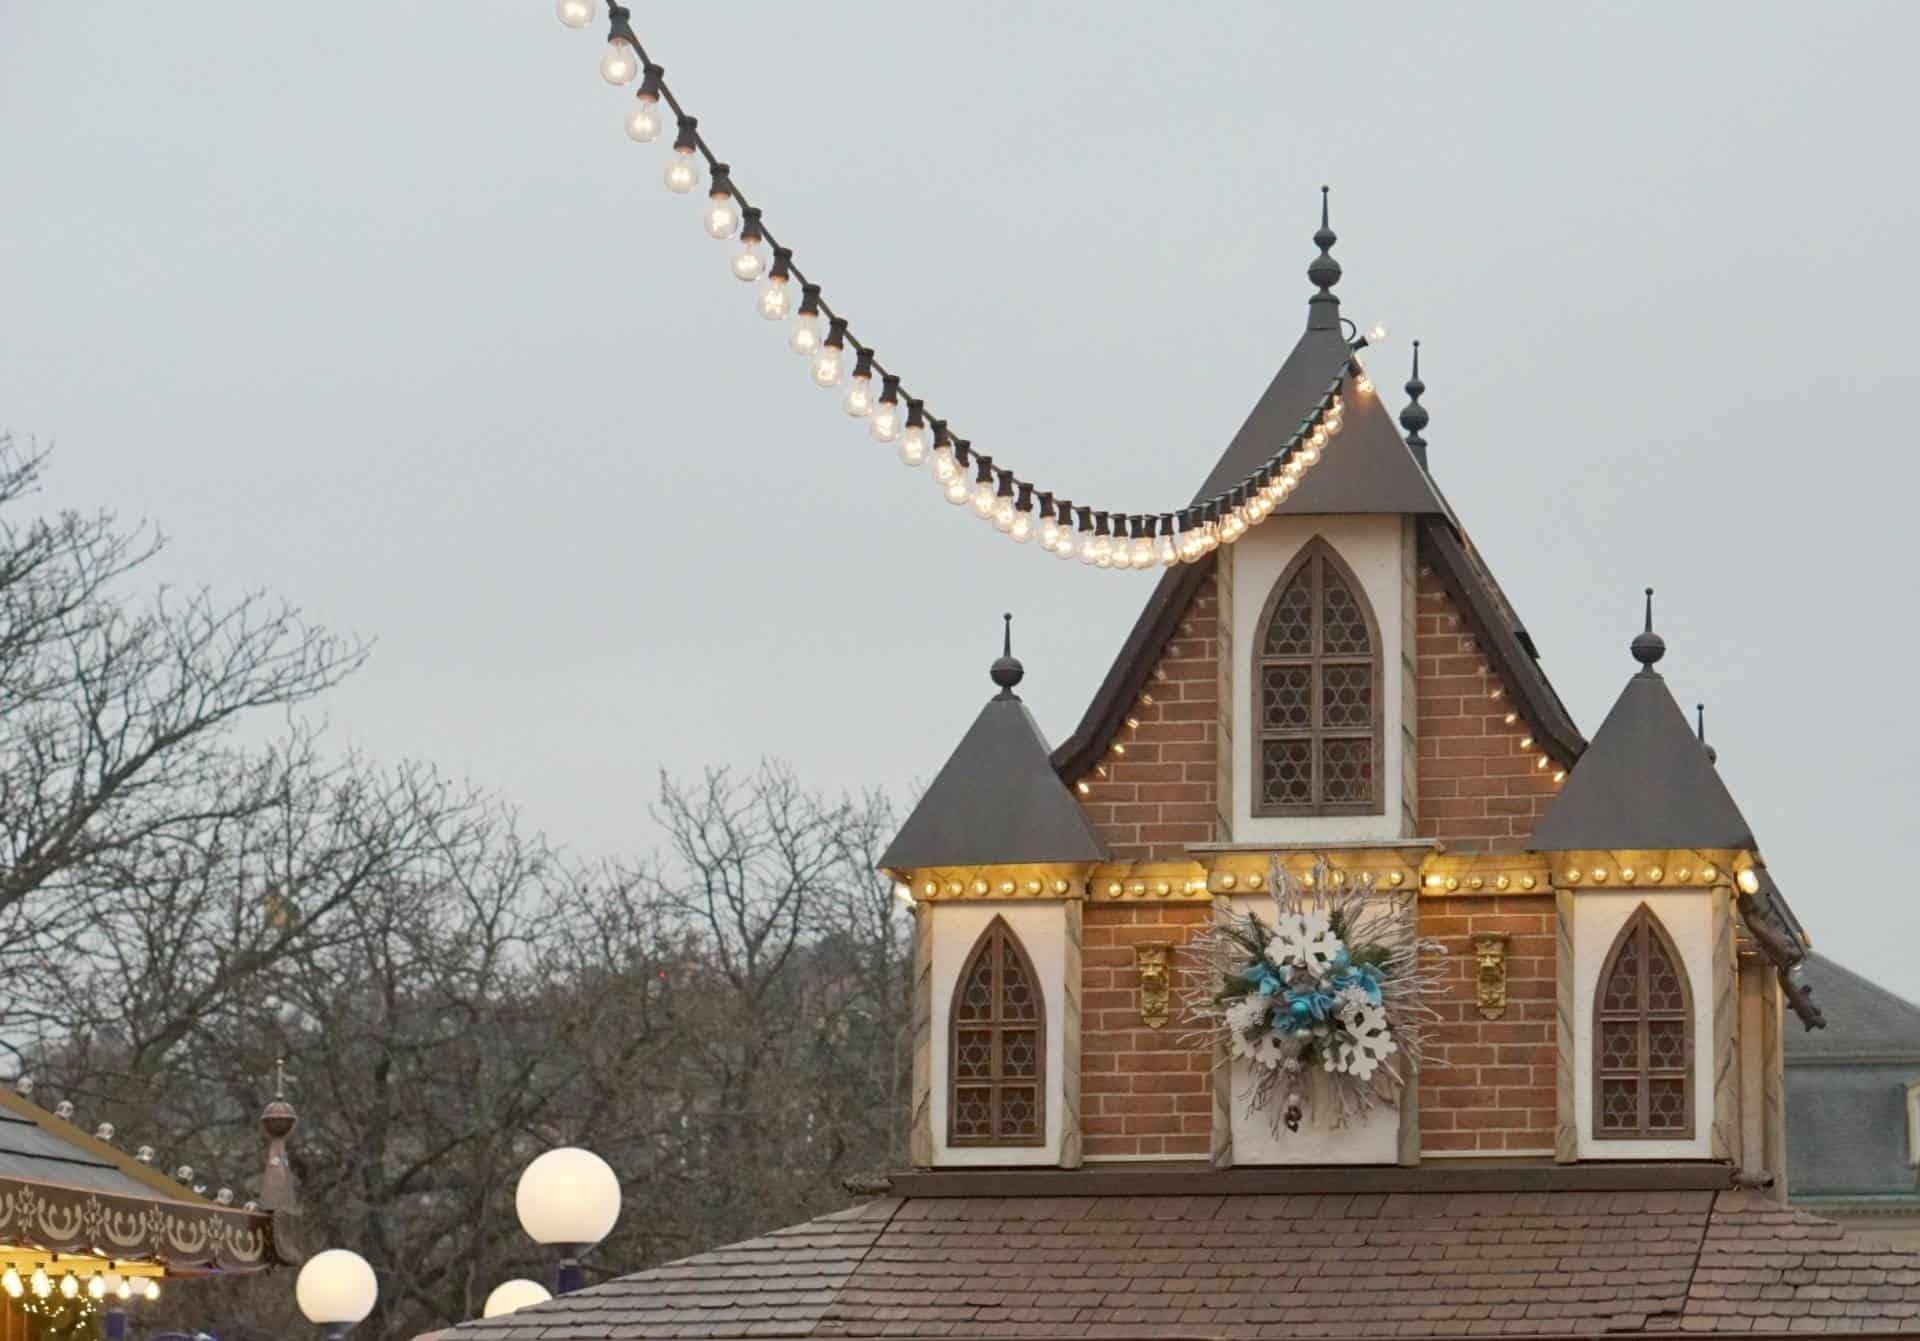 Lights in a festive Market